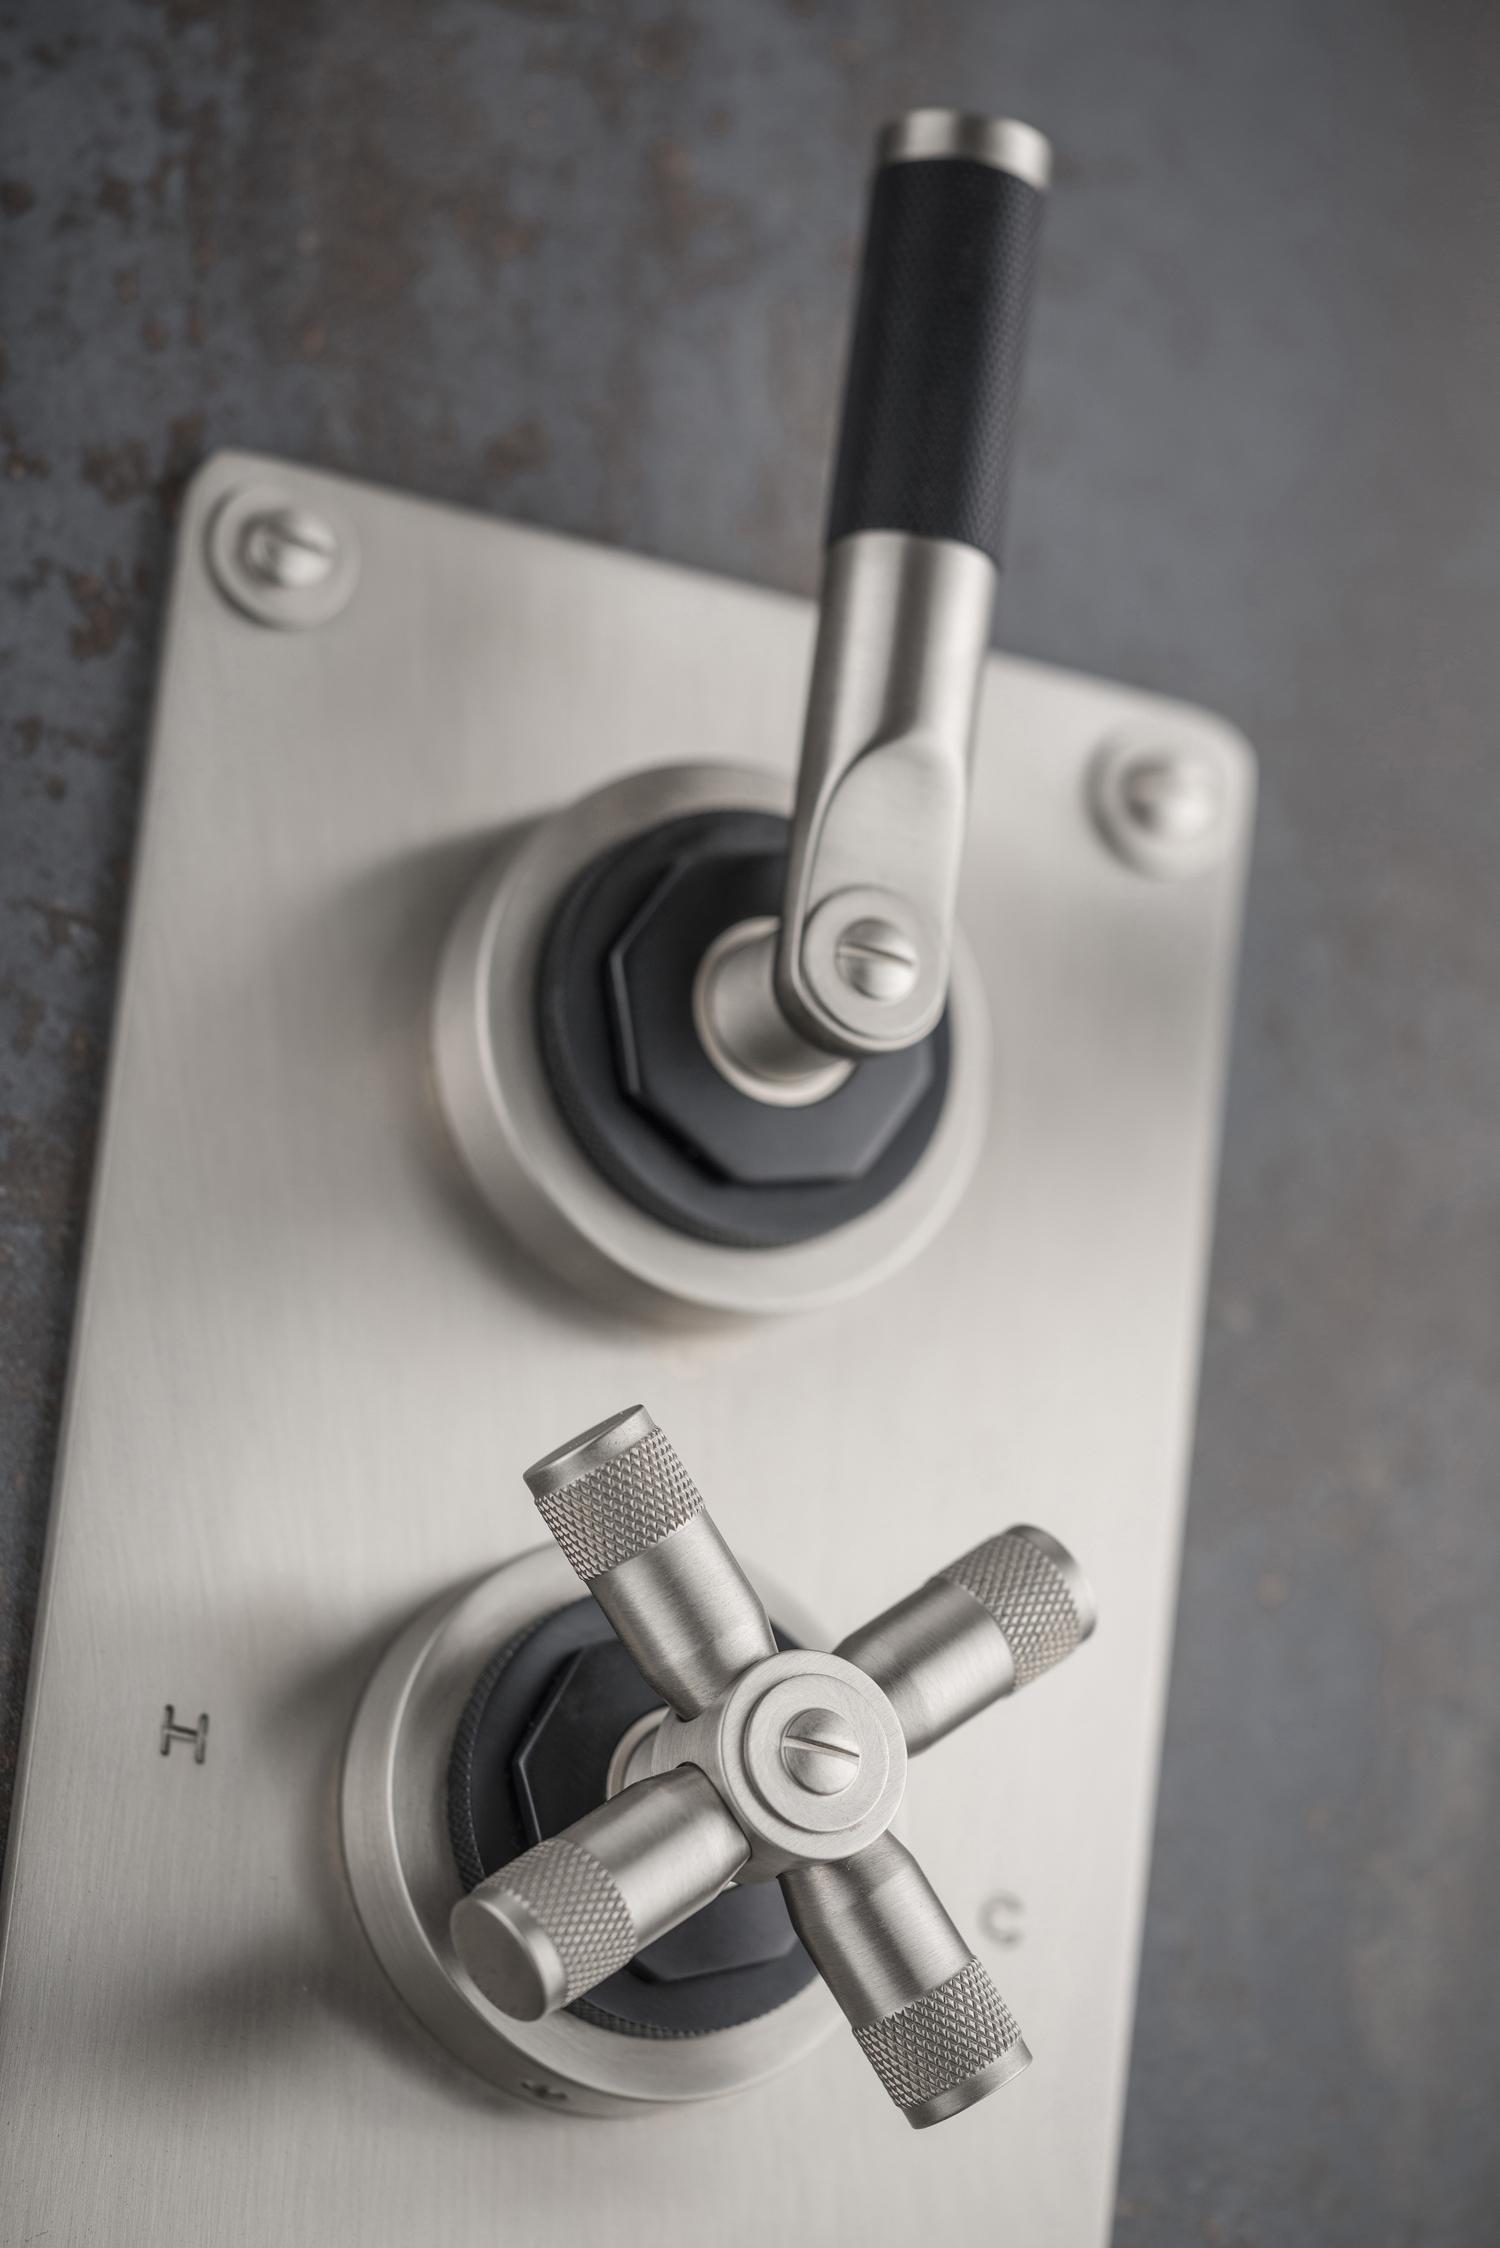 V702-TLK in SSB close up (low res).jpg